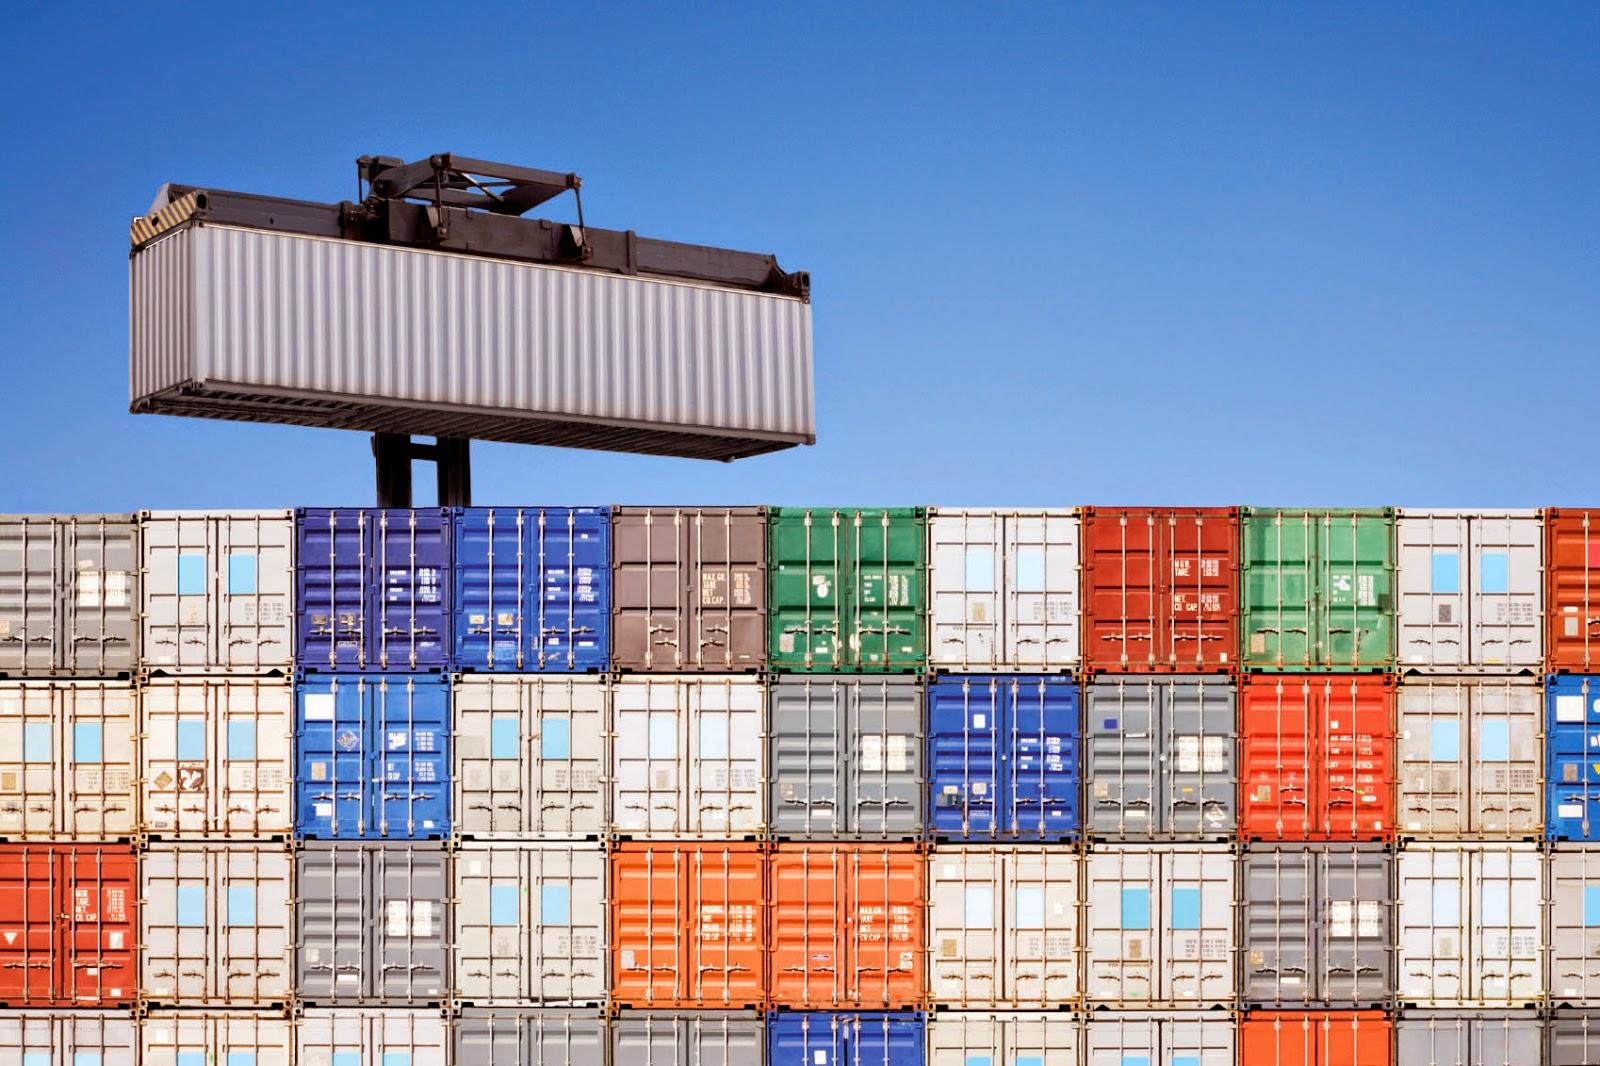 La Burocrazia nell'importazione costa all'Italia 6,4 mld di euro